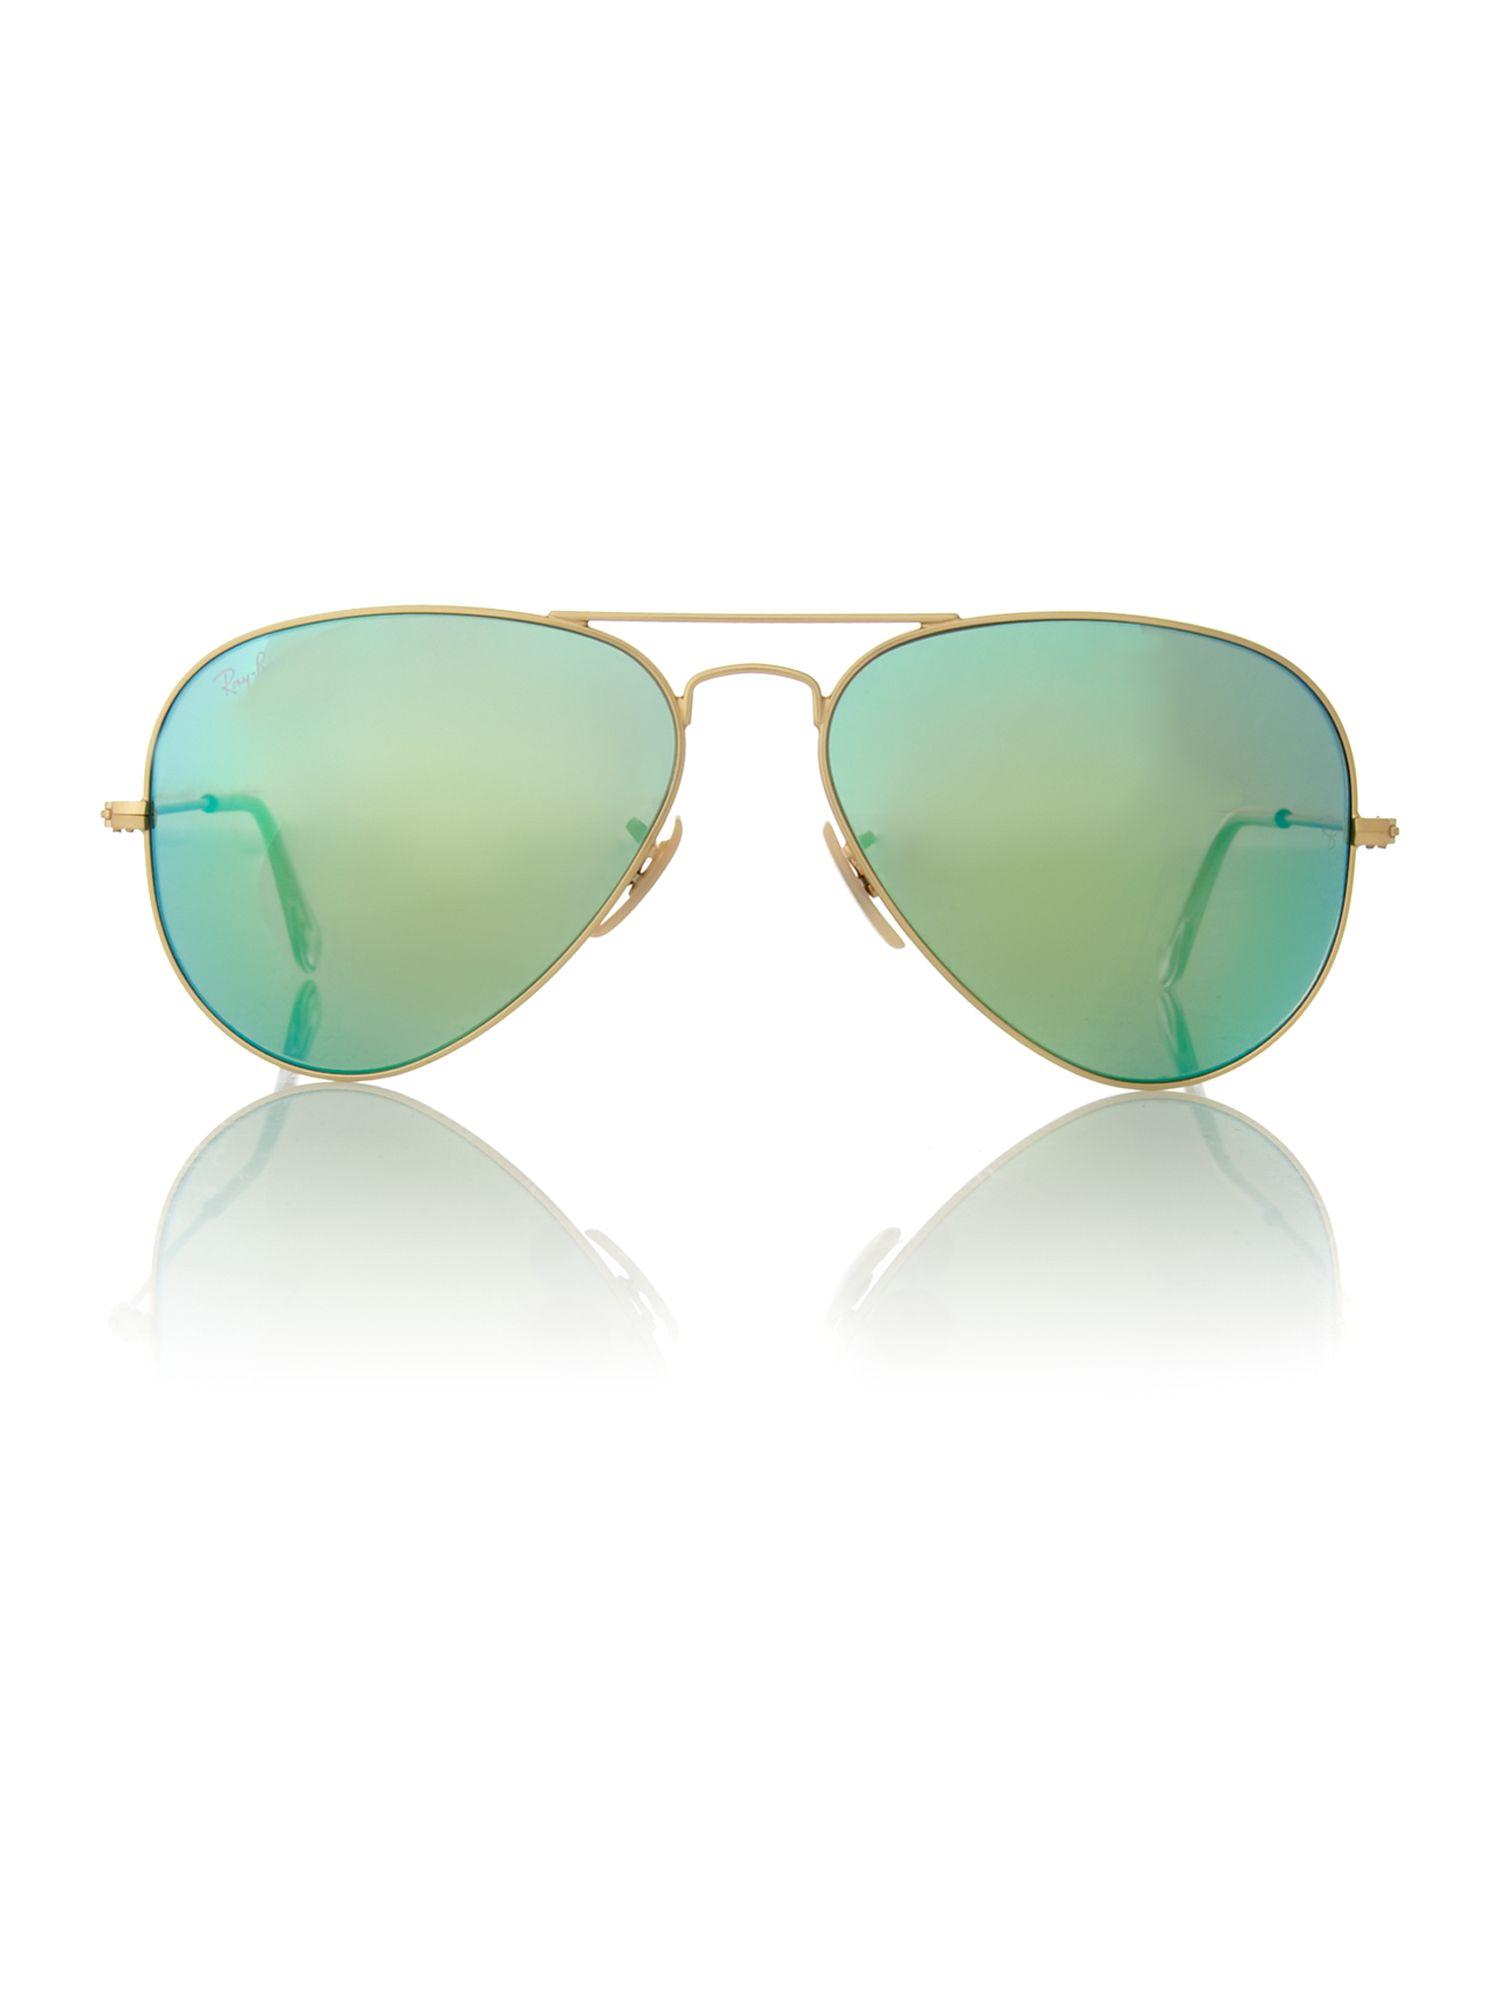 Очки для девушек солнечные голубые